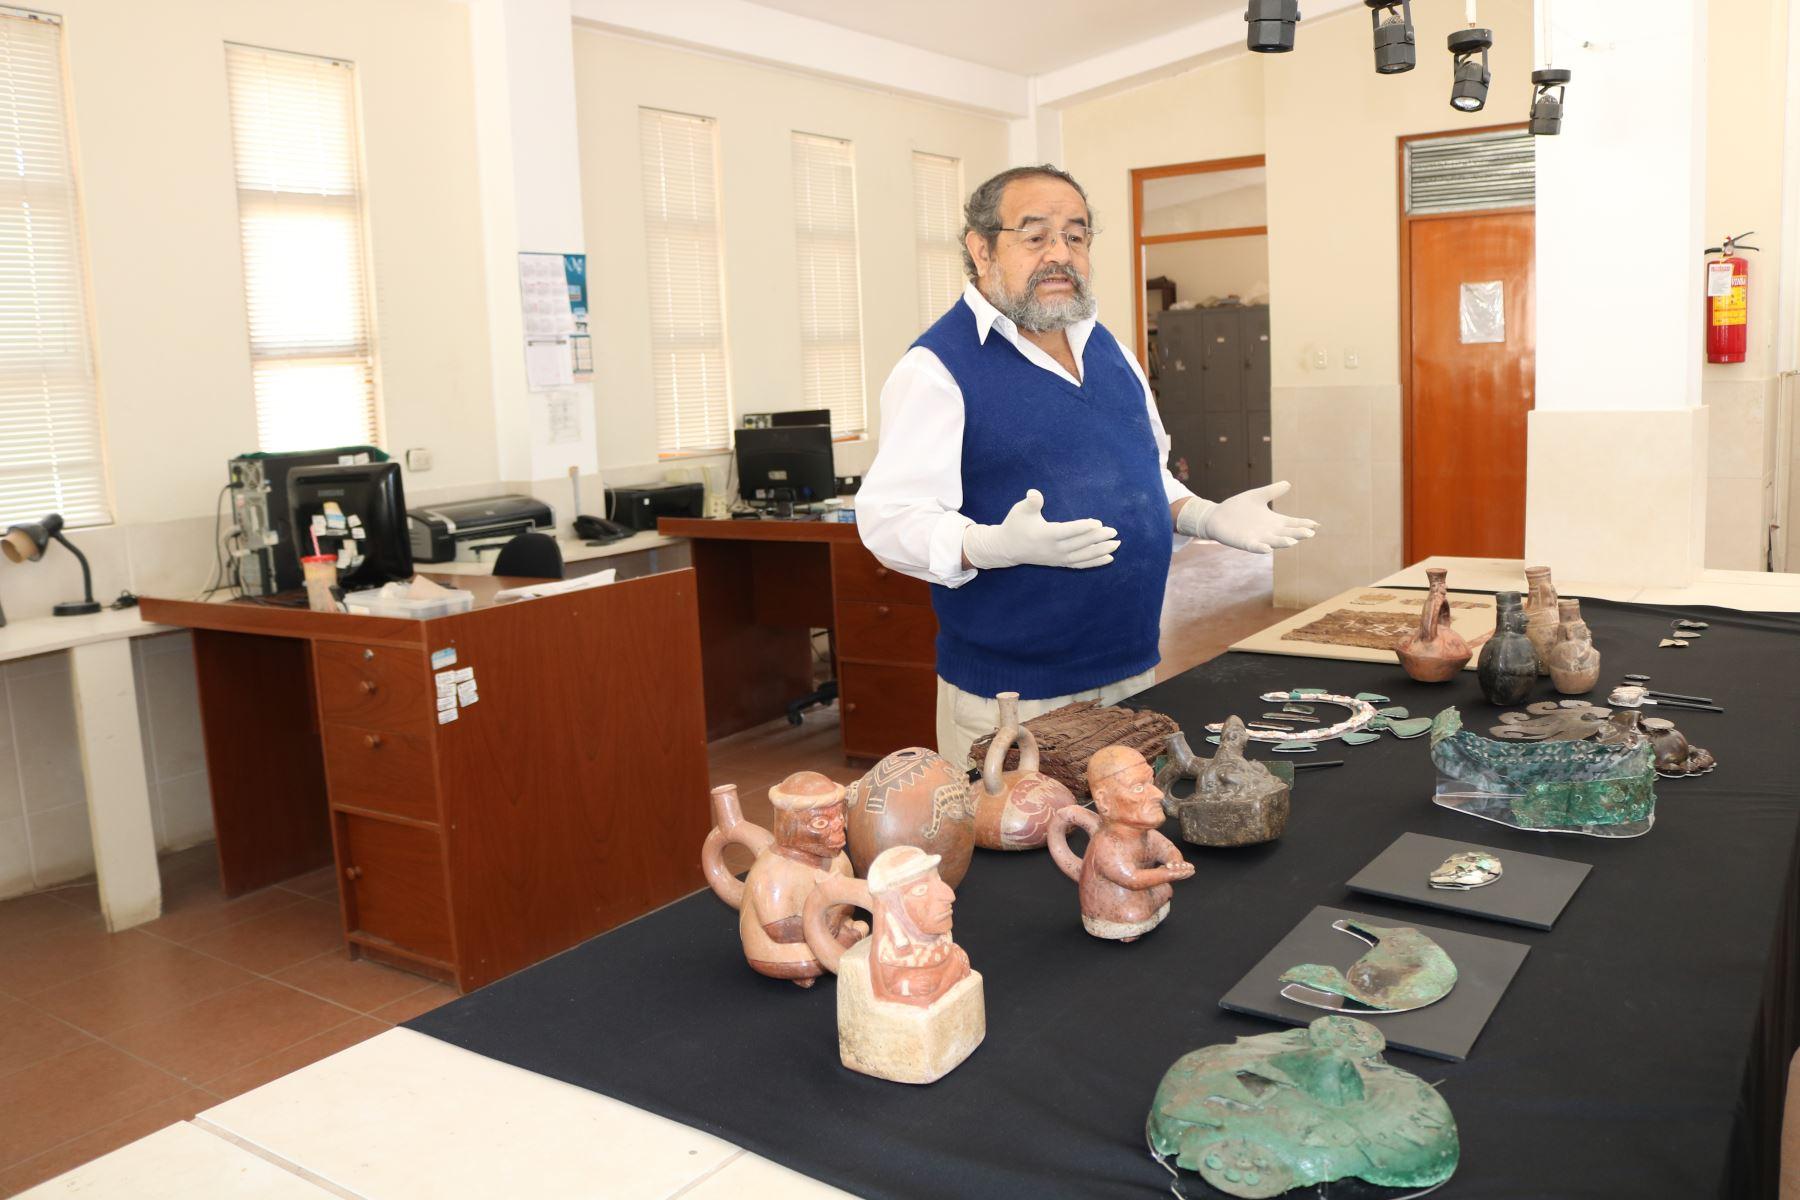 El director del Museo Tumbas Reales de Sipán, Walter Alva, informó que 346 piezas arqueológicas recuperadas en las investigaciones del último quinquenio serán exhibidas en el Museo de la Nación.